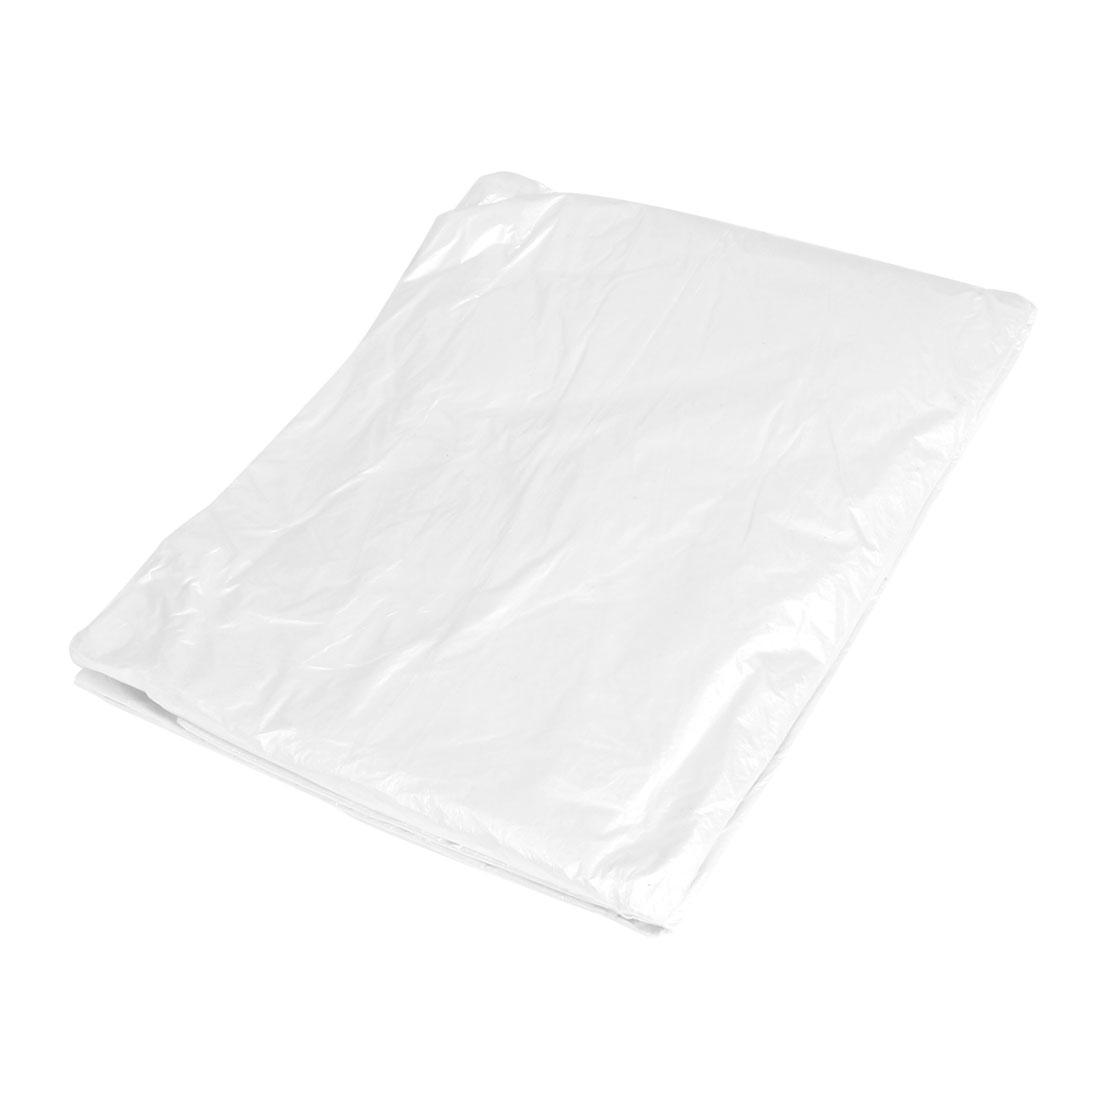 Household Square Disposable Plastic Tablecloth White 200cm x 200cm 20 Pcs